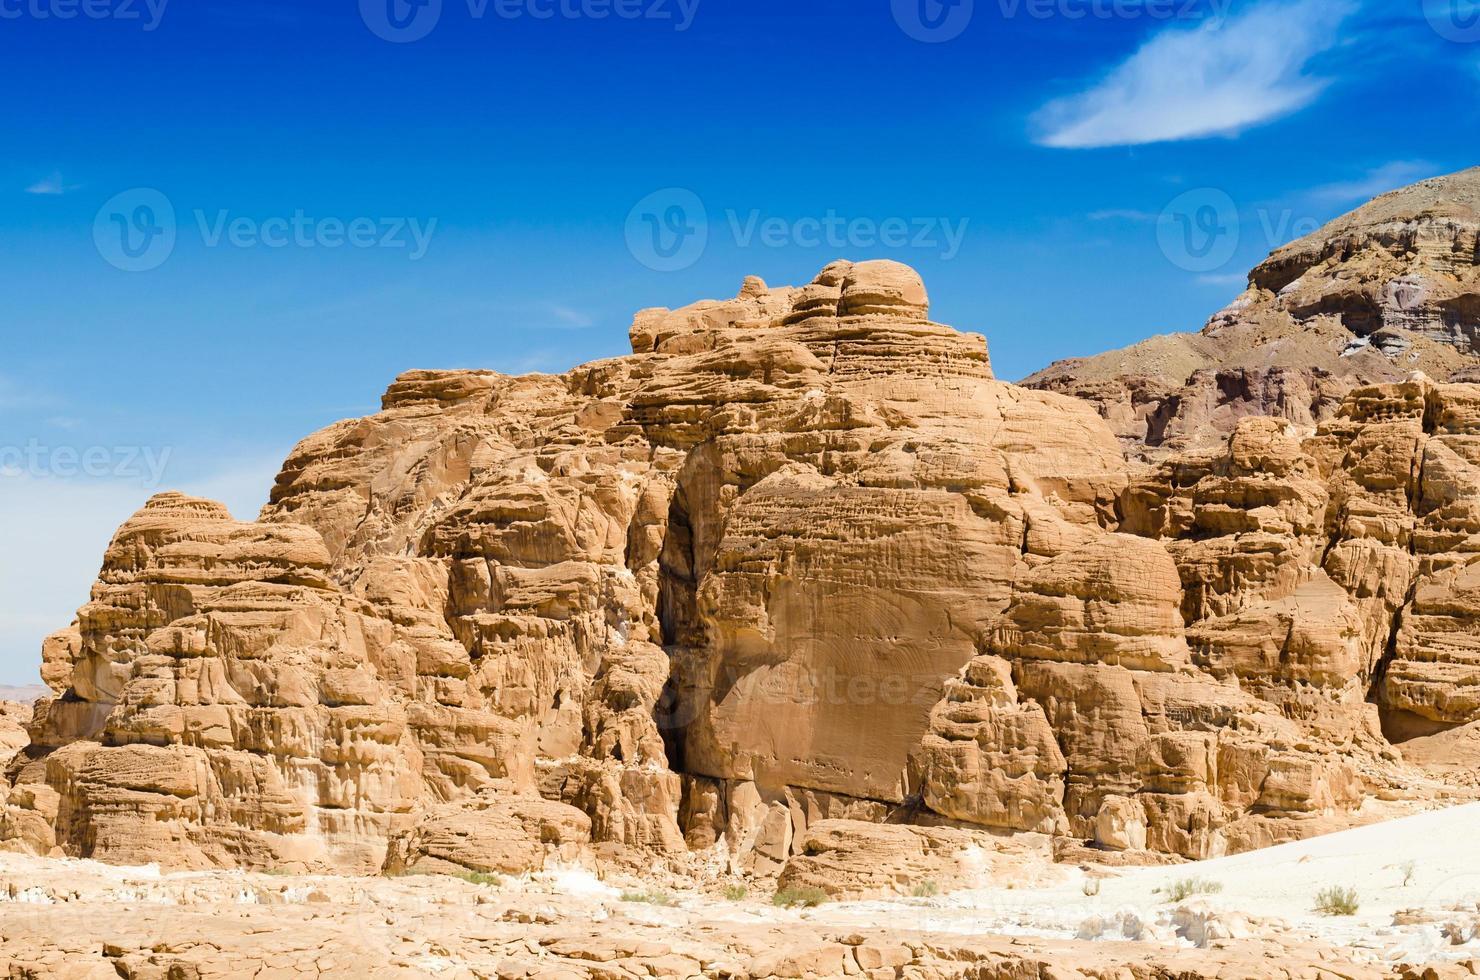 montagnes rocheuses dans le désert photo